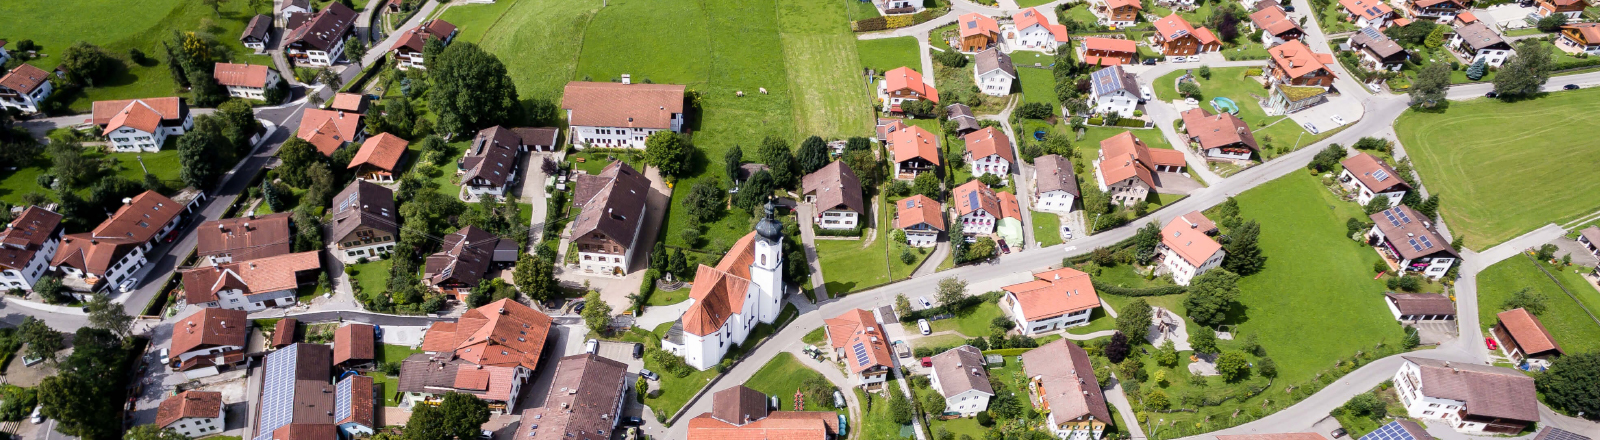 Dorf von oben